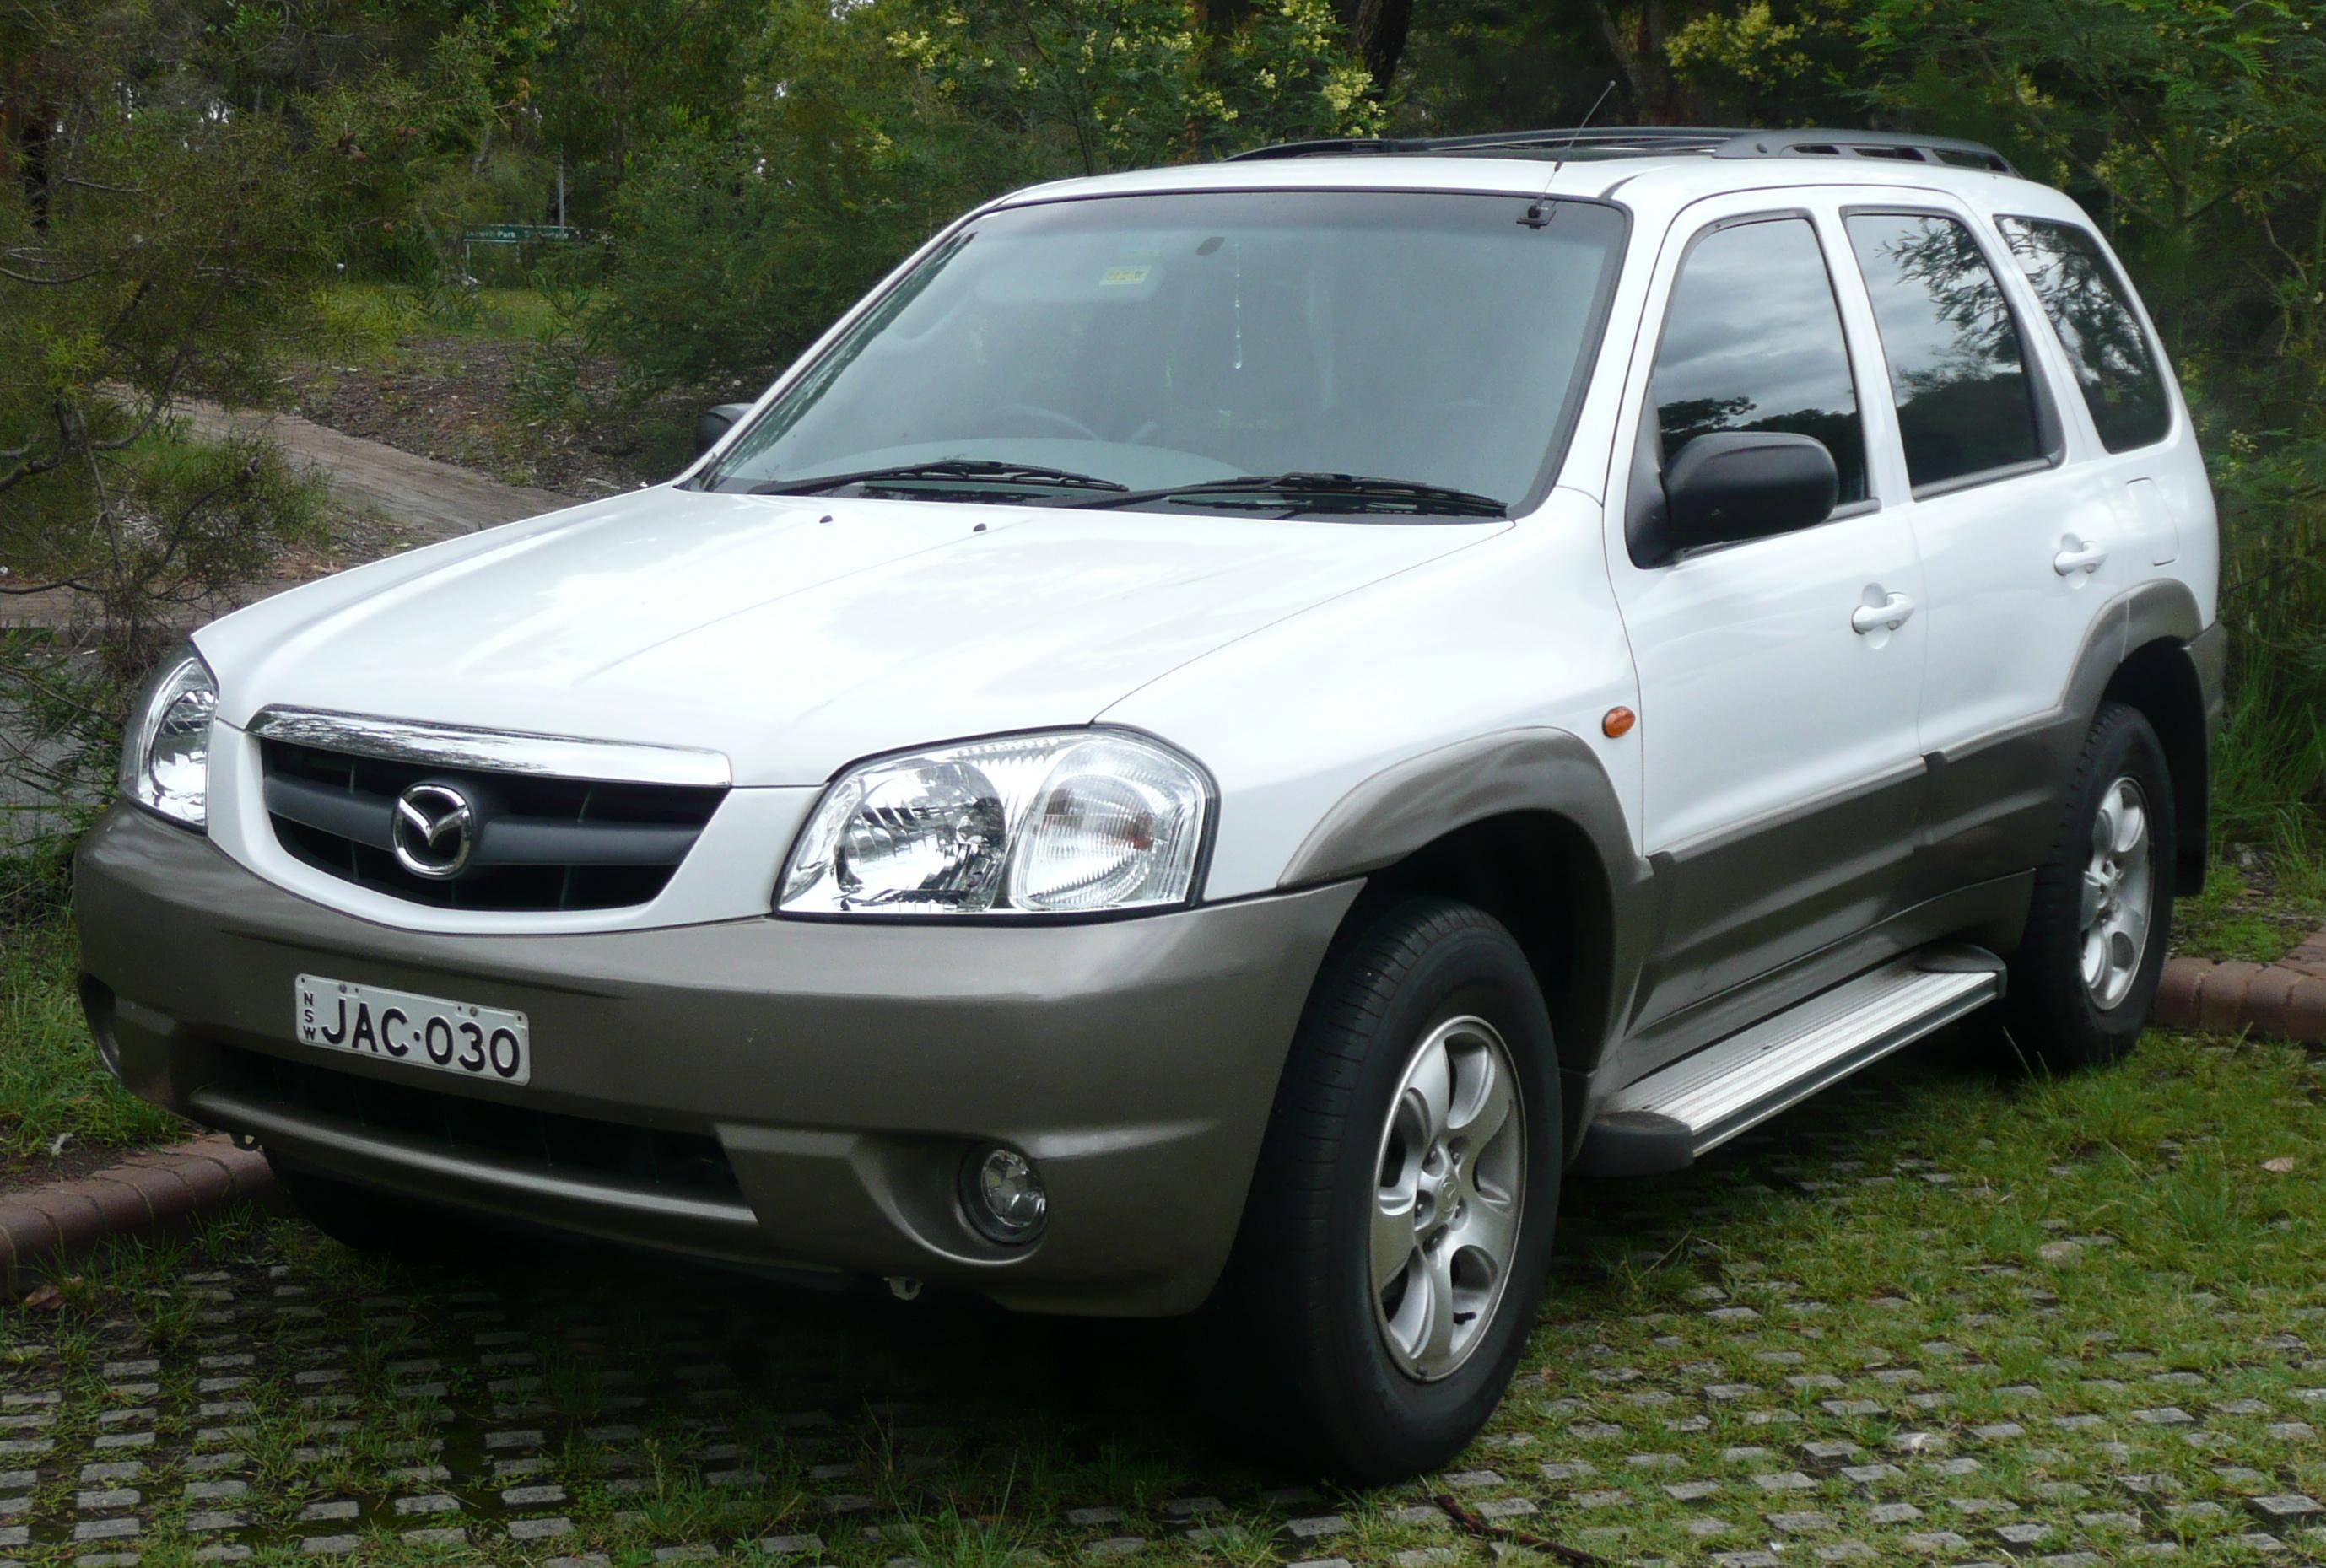 Mazda Tribute I 2000 - 2004 SUV 5 door #3